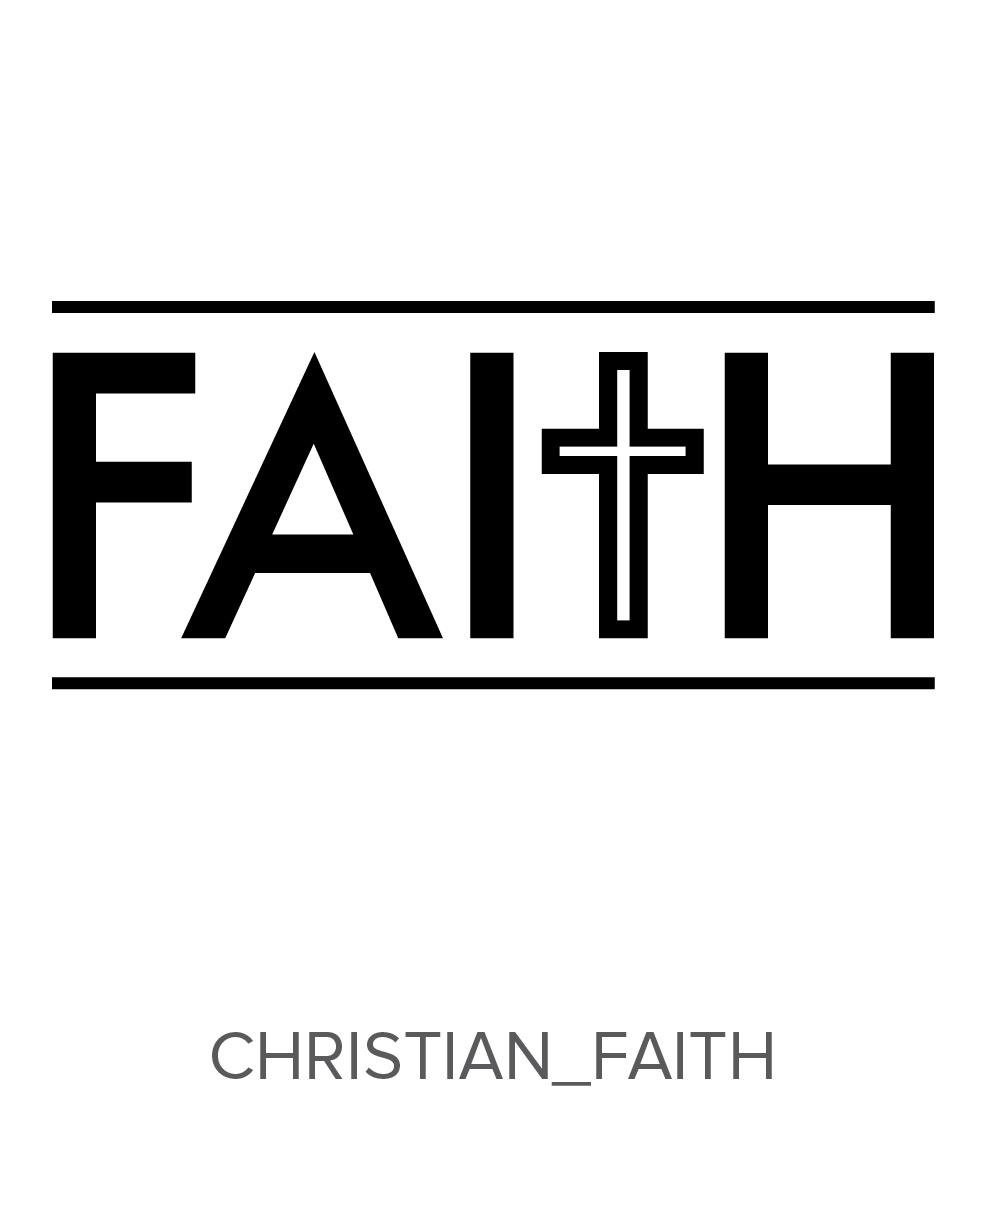 Mix and Match_faith-56.jpg